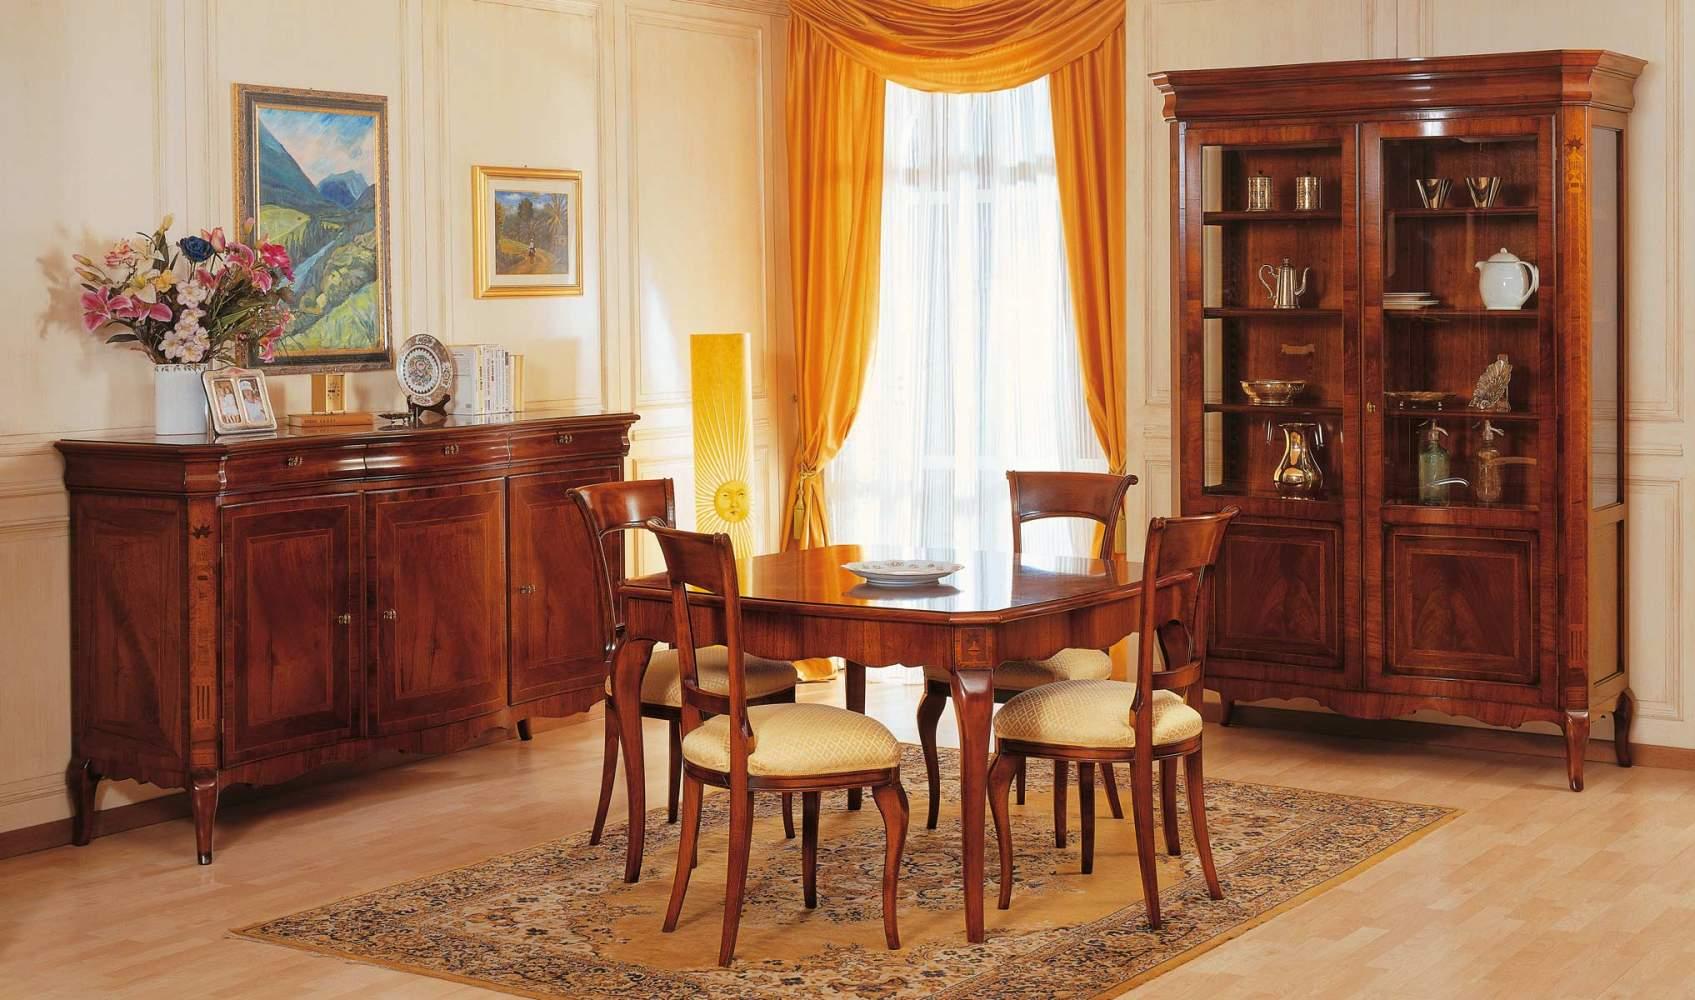 Sala da pranzo in stile 800 francese vimercati meda - Mobili sala da pranzo moderni ...